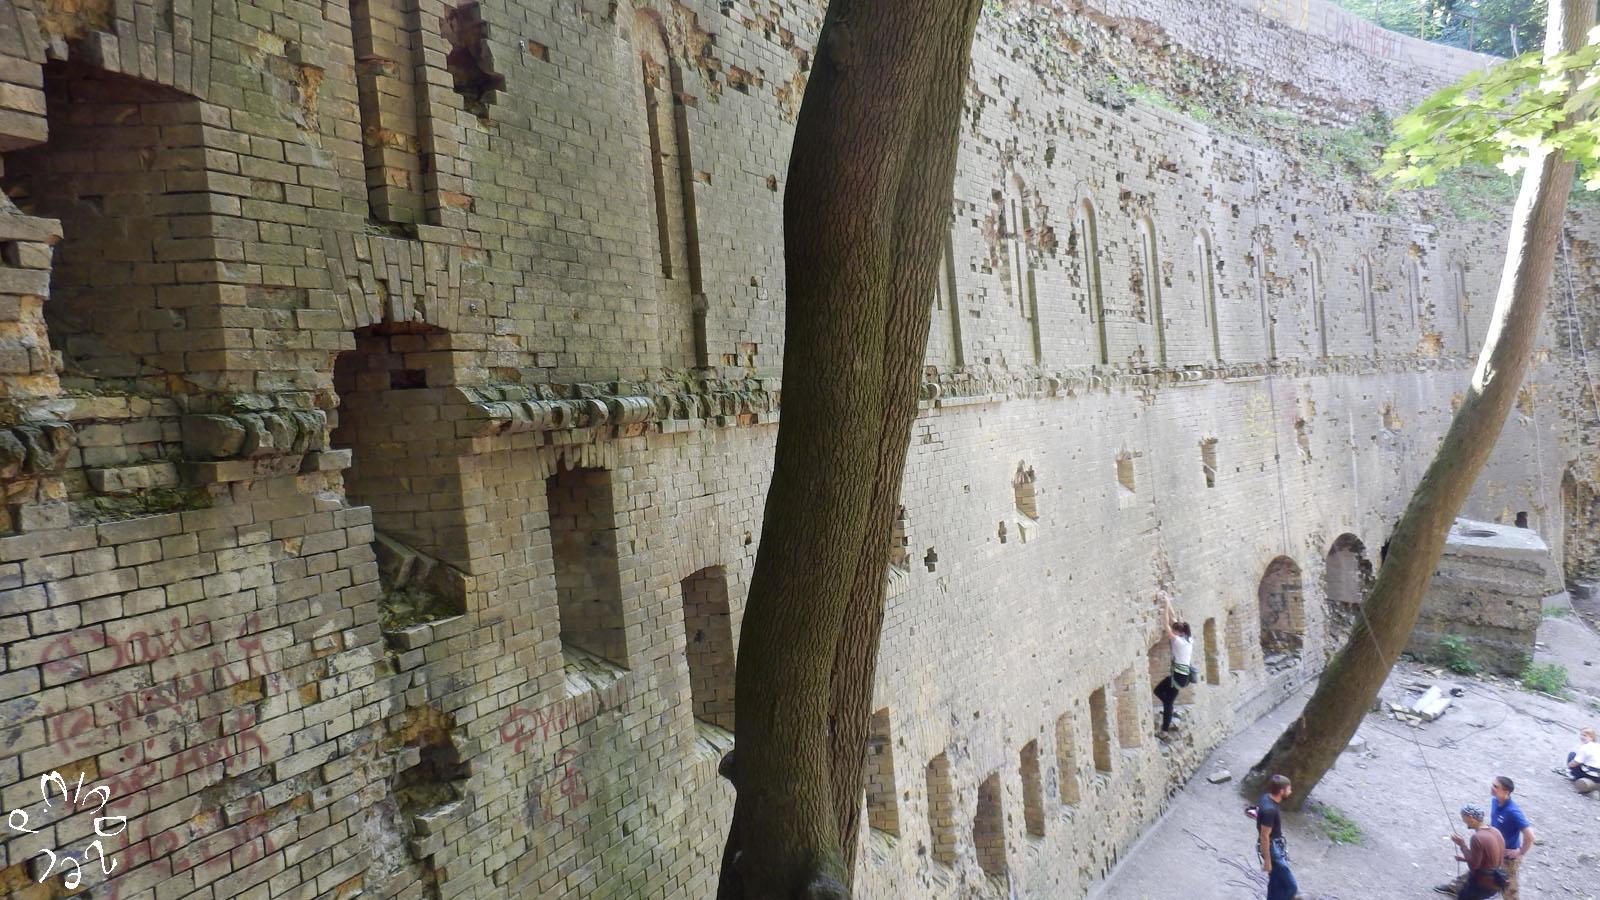 Die untere Stützmauer der Kiewer Festung. Bildrechte: Pavlo Miadzel